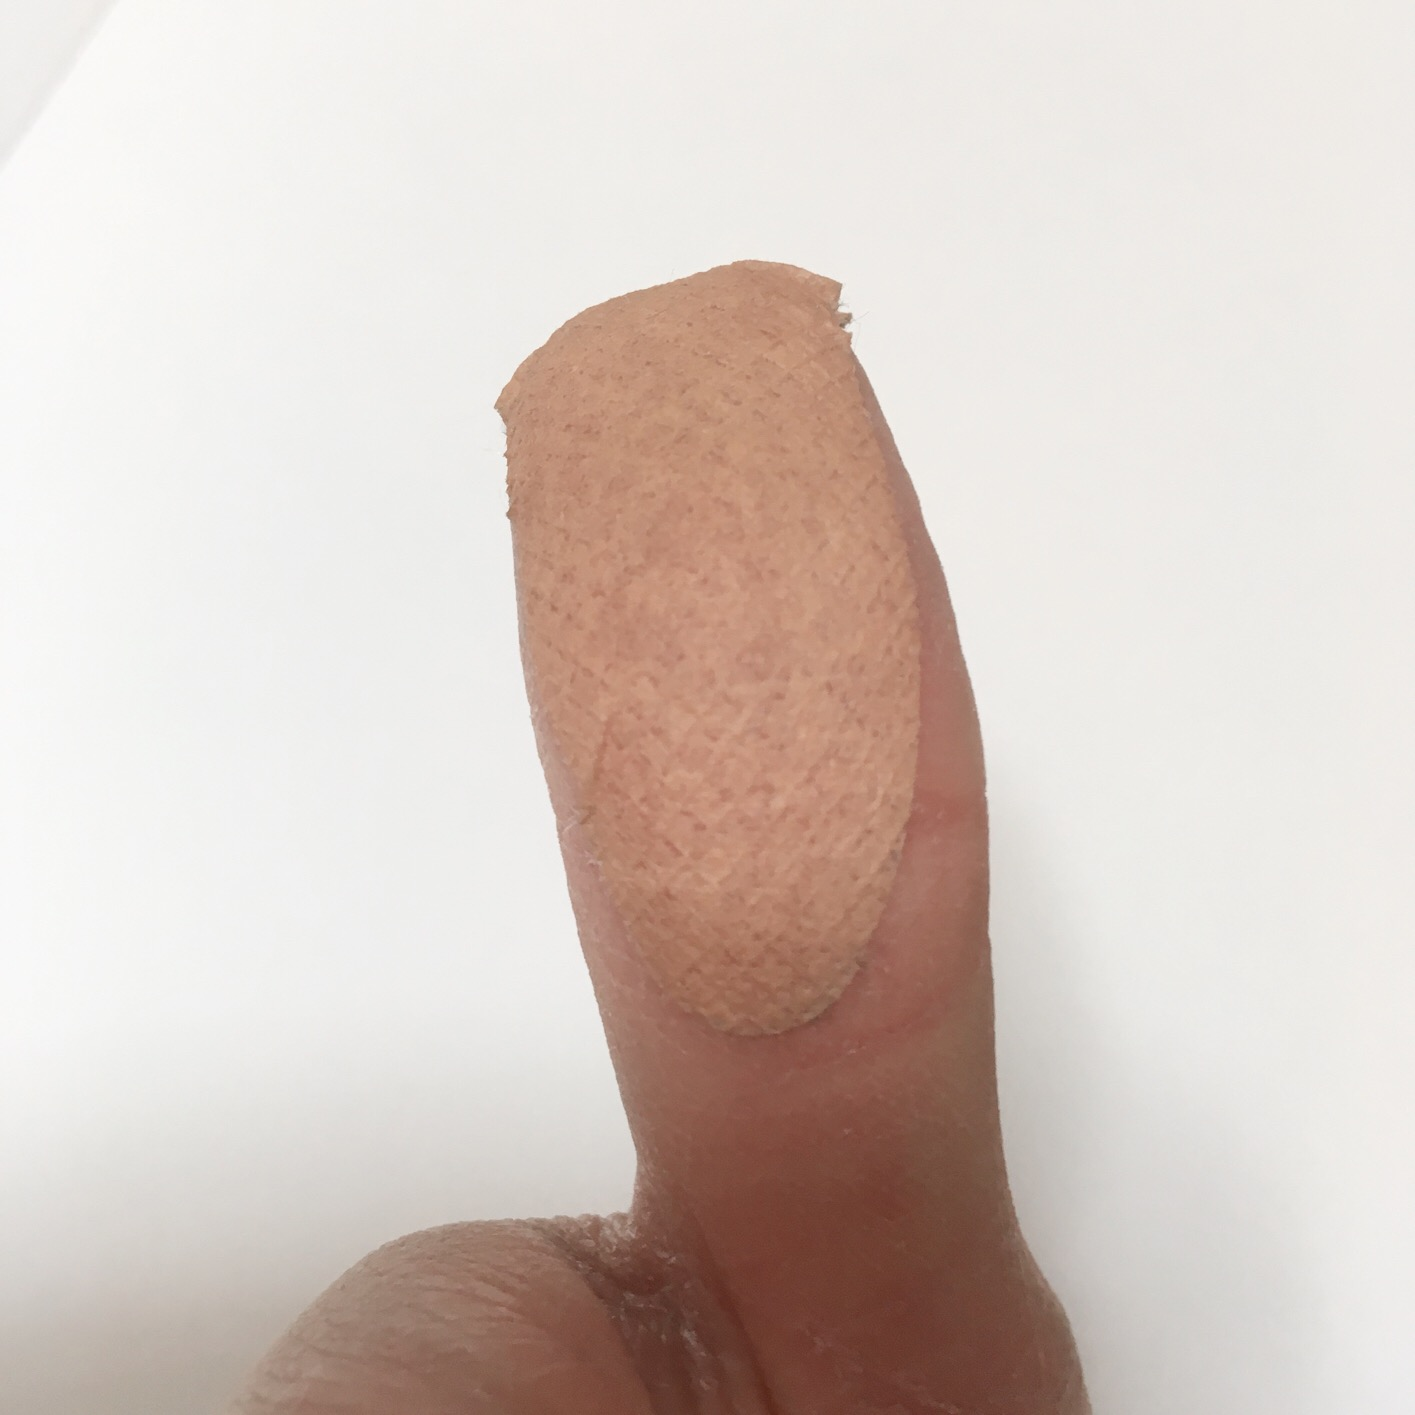 ぱっくり 治し 指 方 割れ